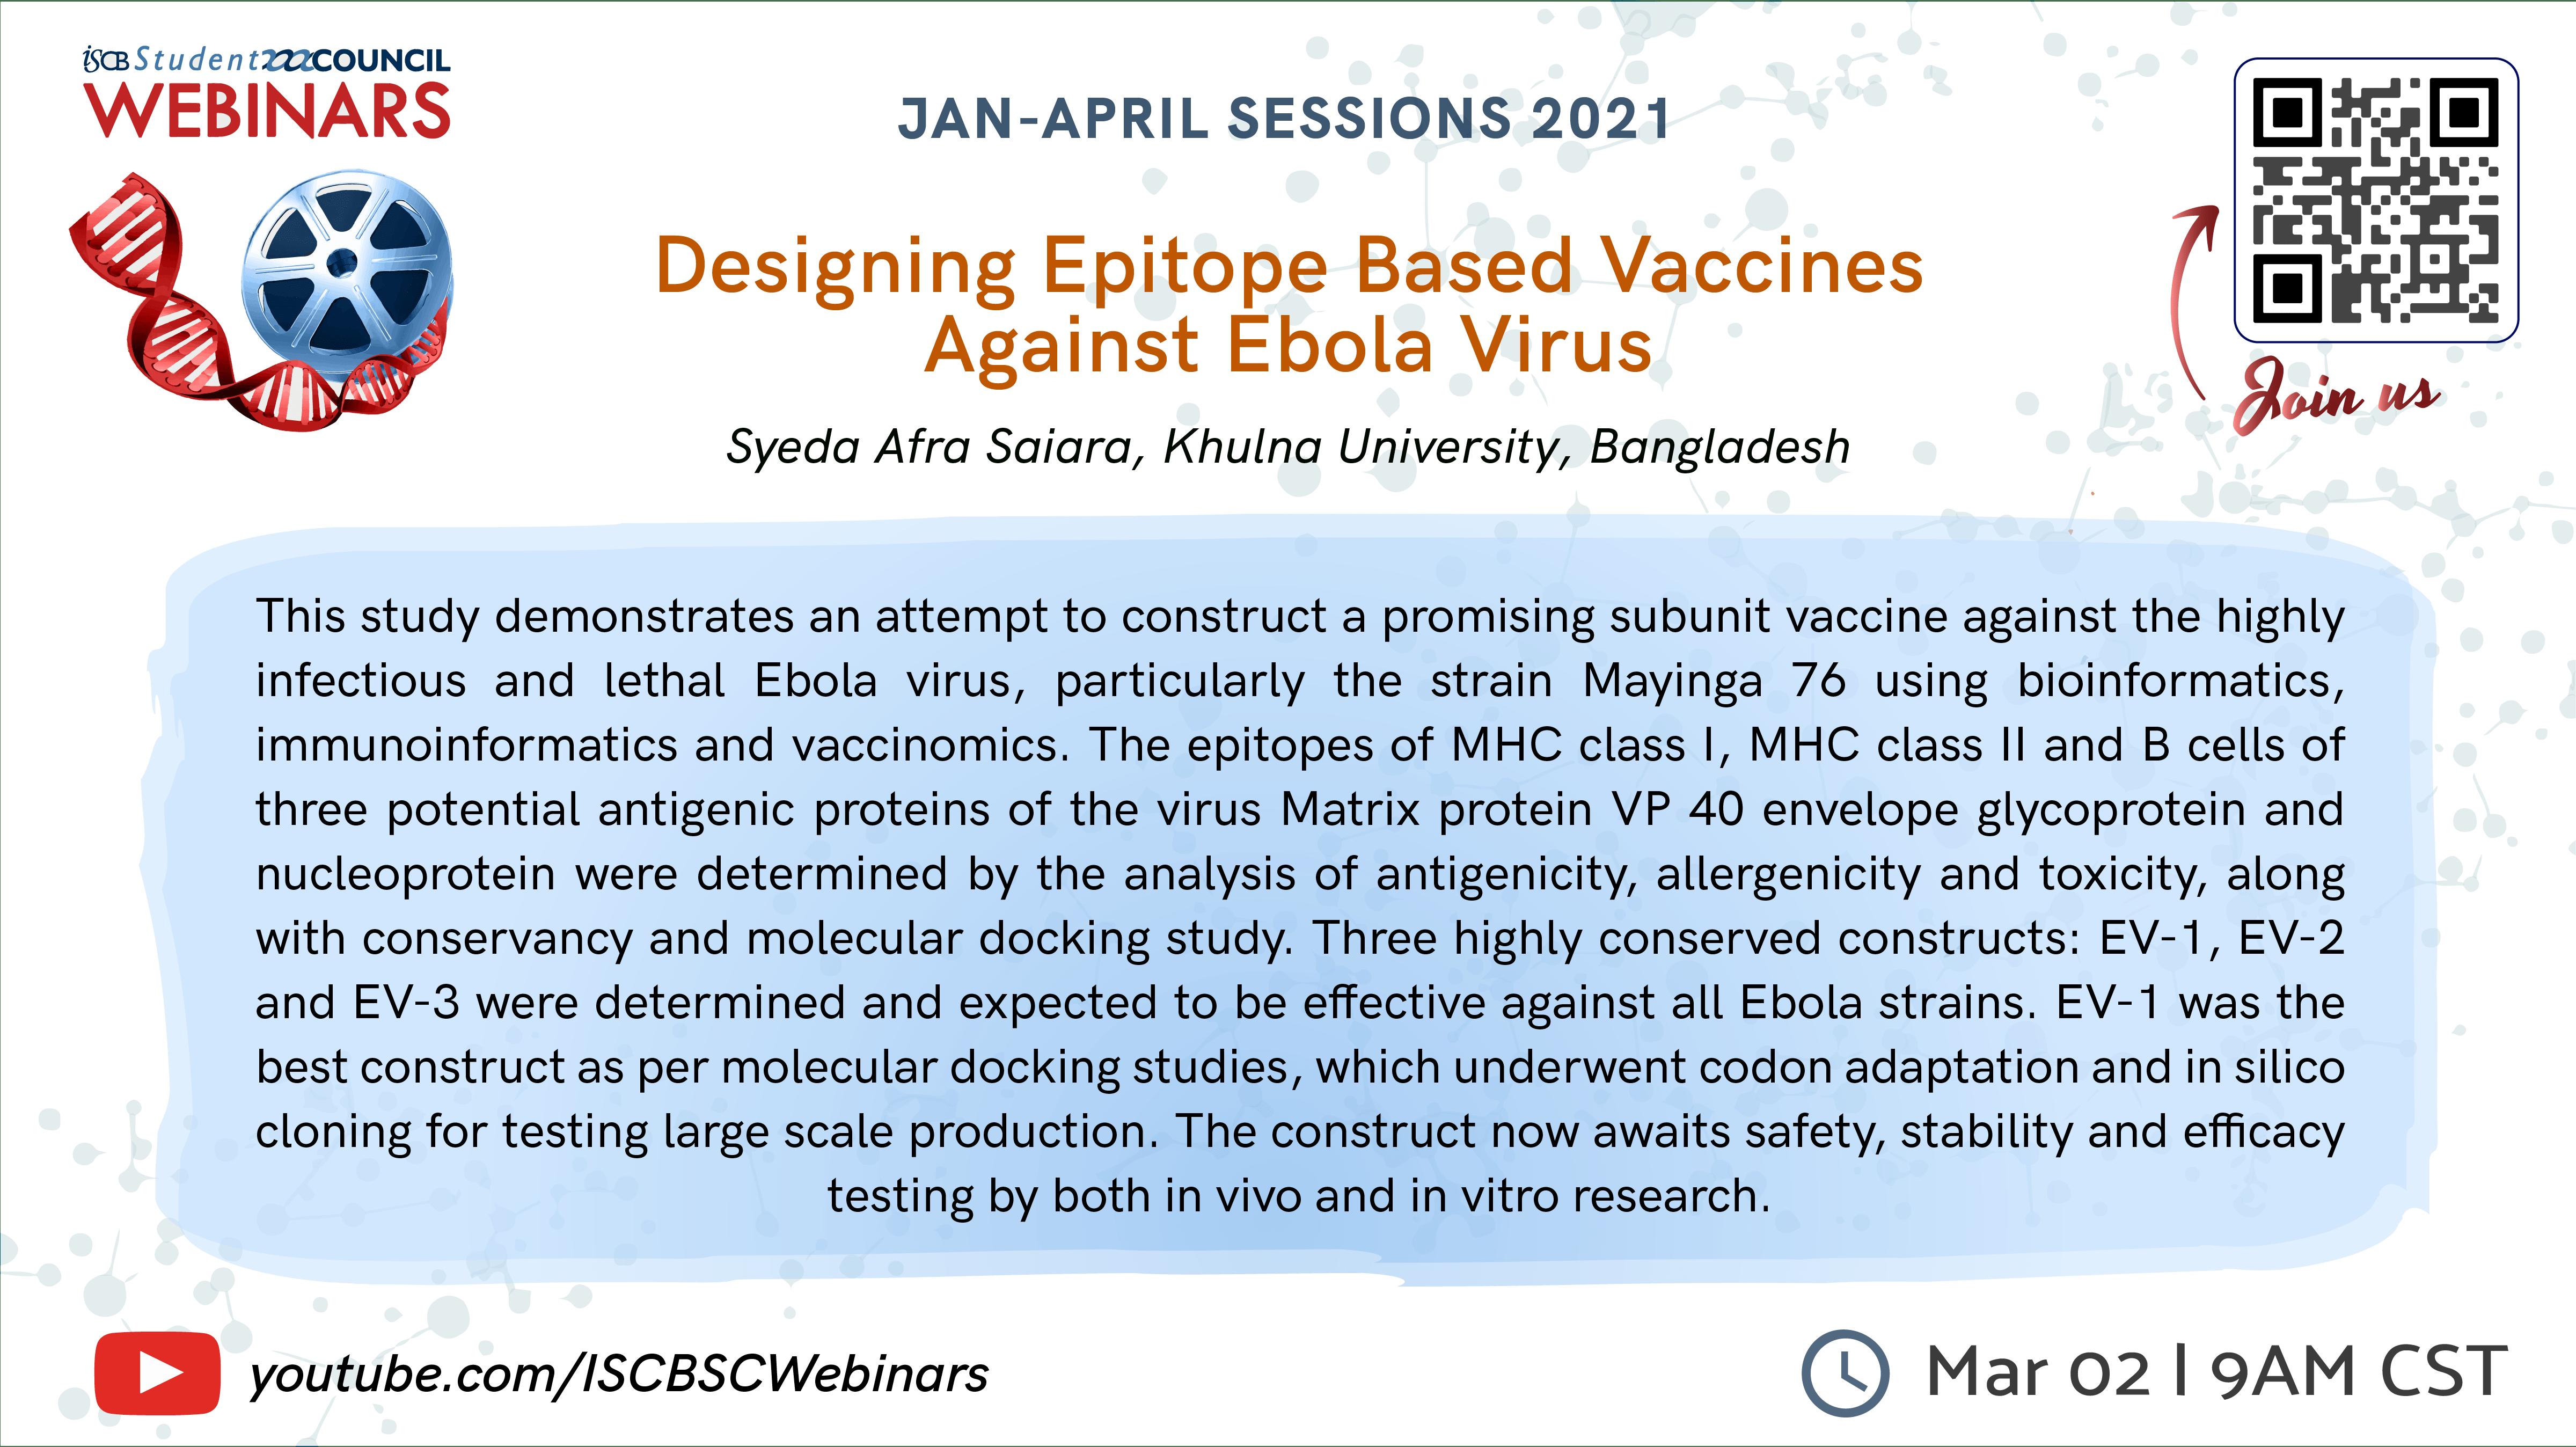 Syeda Afra Saiara: Designing Epitope Based Vaccines Against Ebola Virus